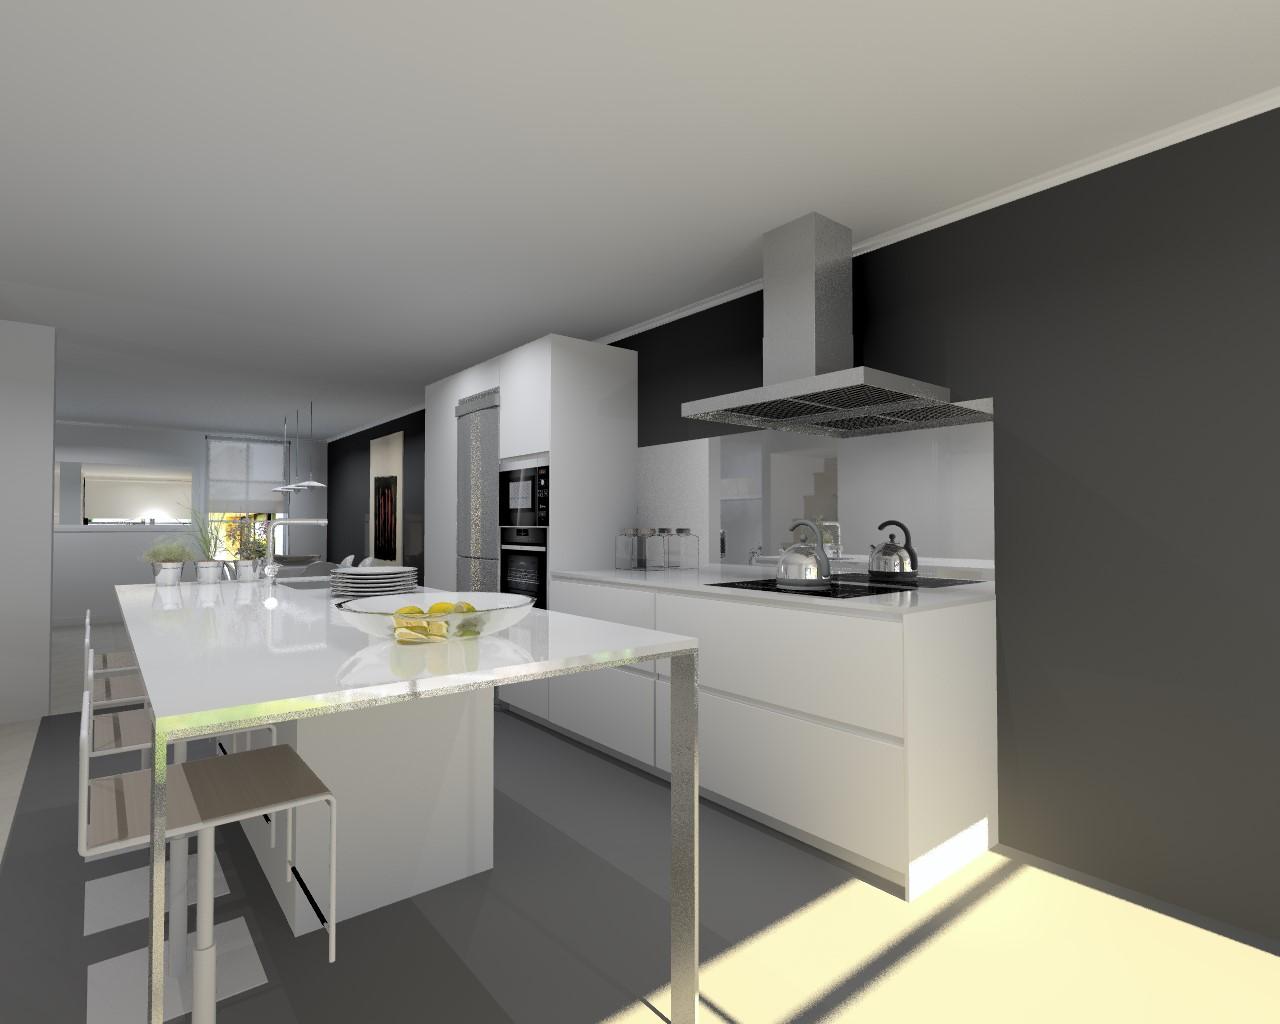 Proyectos de cocinas docrys cocinas - Que es el silestone ...